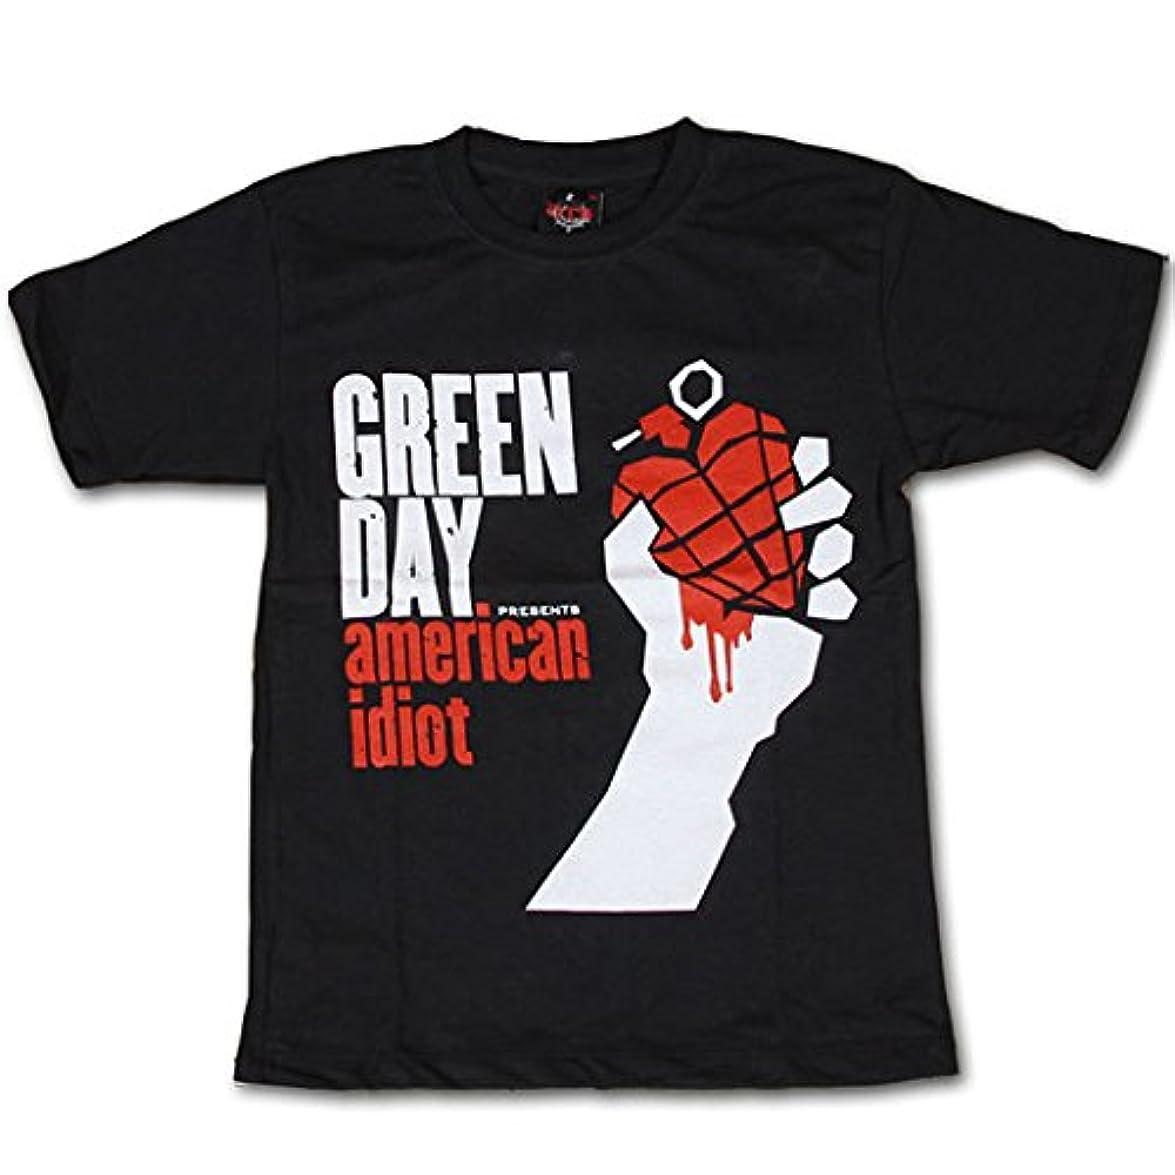 絶えず作る仮定海外製品 グリーンデイ GREEN DAY プリント 半袖 ロック Tシャツ S(150-160cm) ブラック [T271]